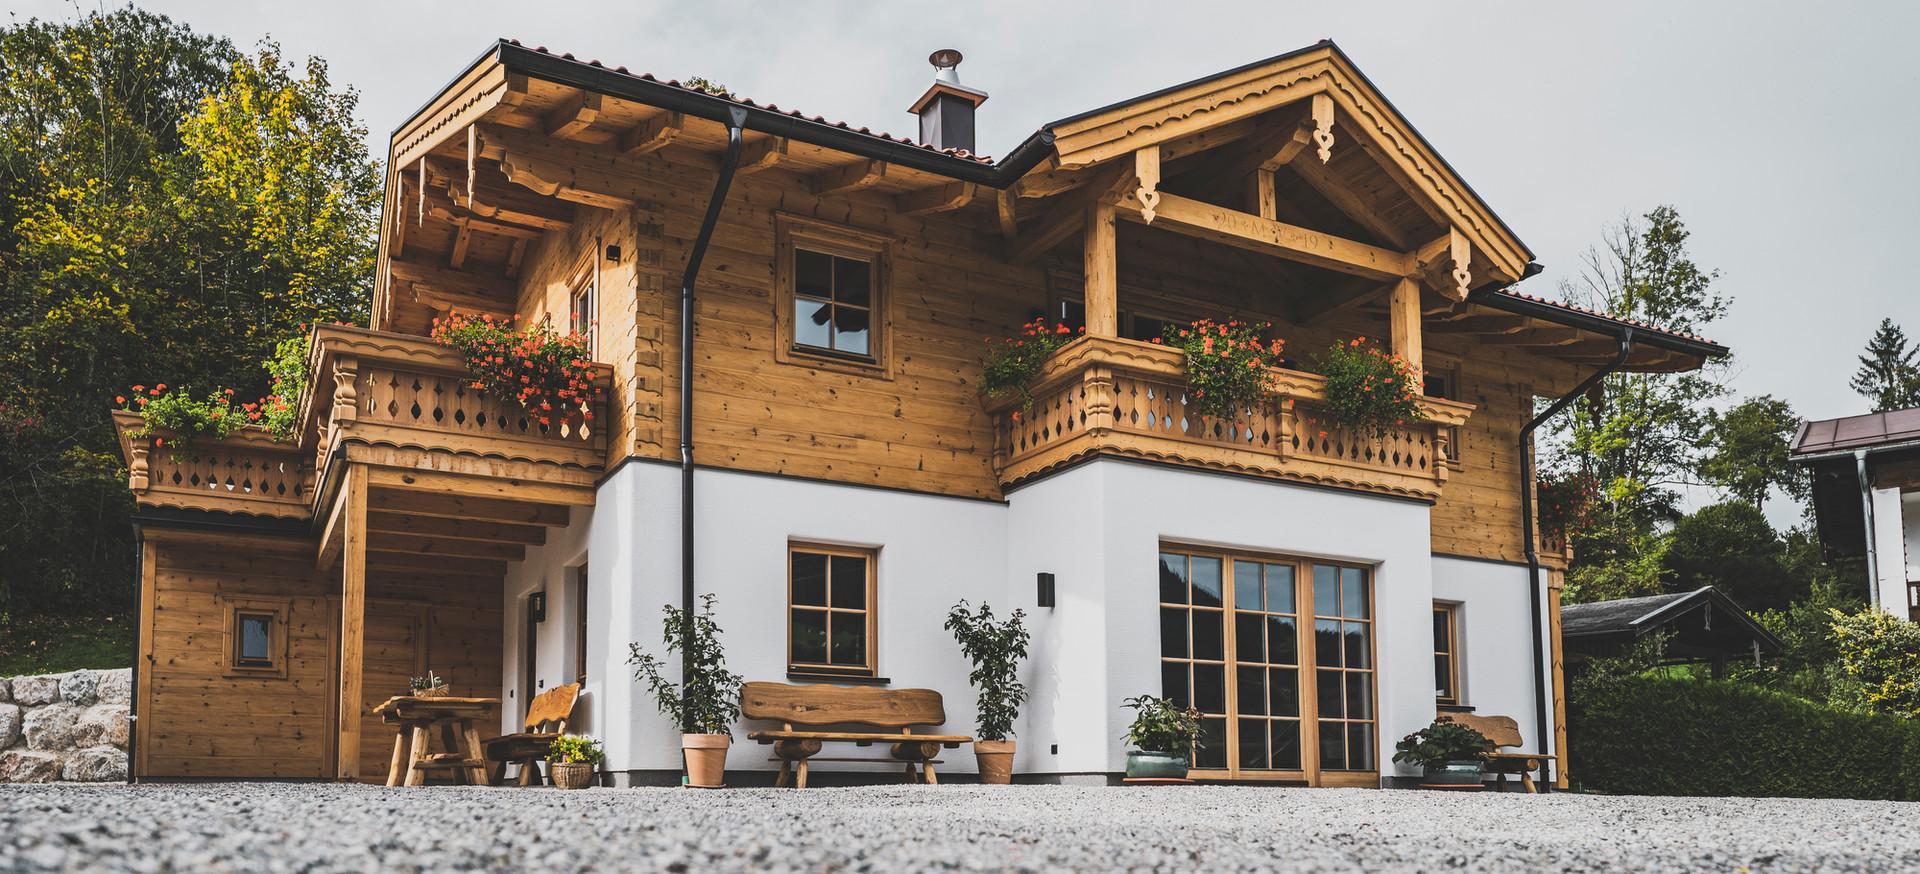 Kuchler Blockhaus - Referenzfoto